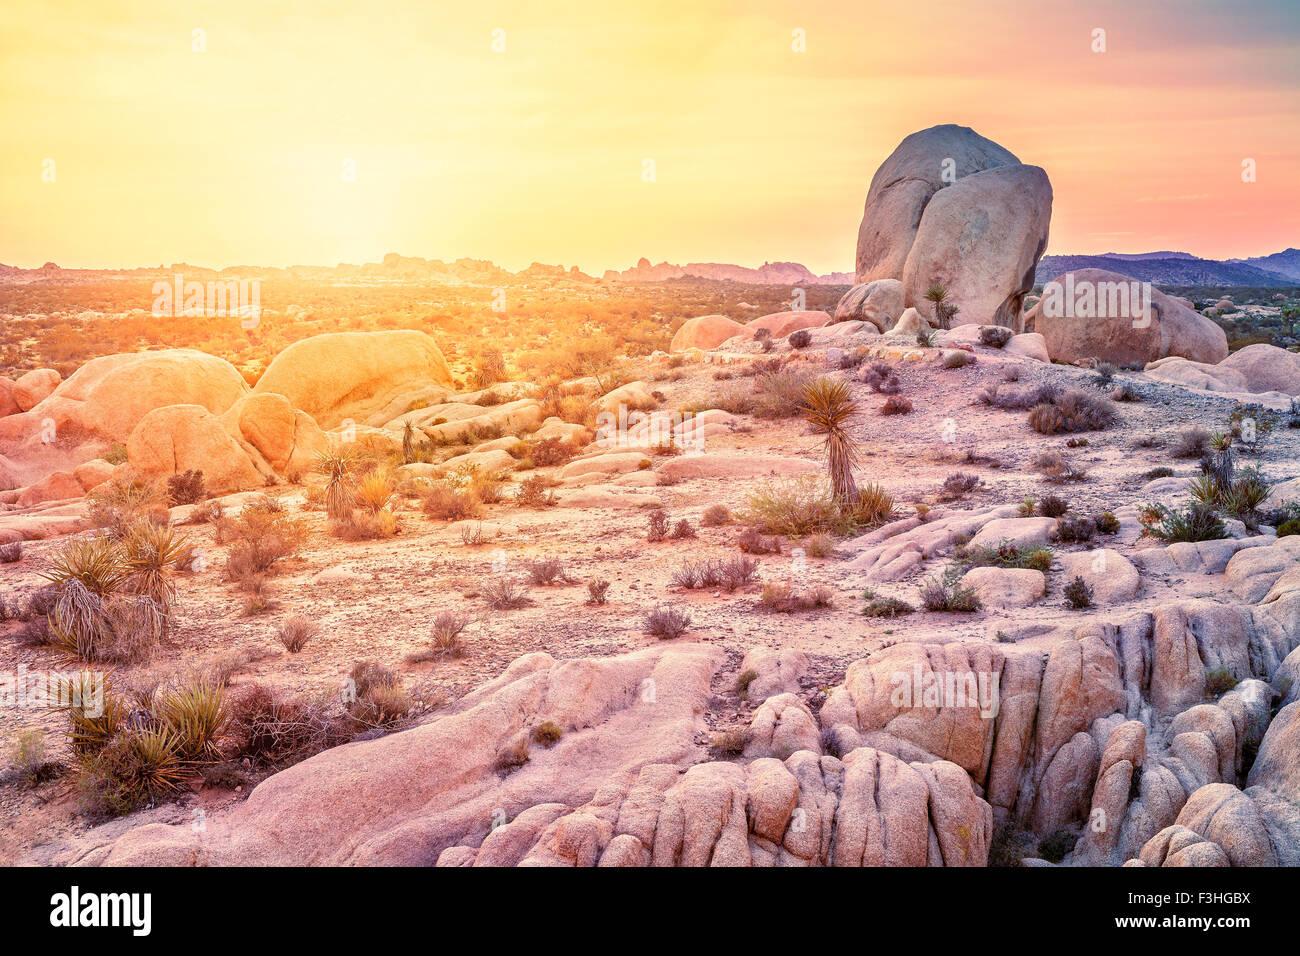 Sunset over desert in Joshua Tree National Park, California, USA. - Stock Image